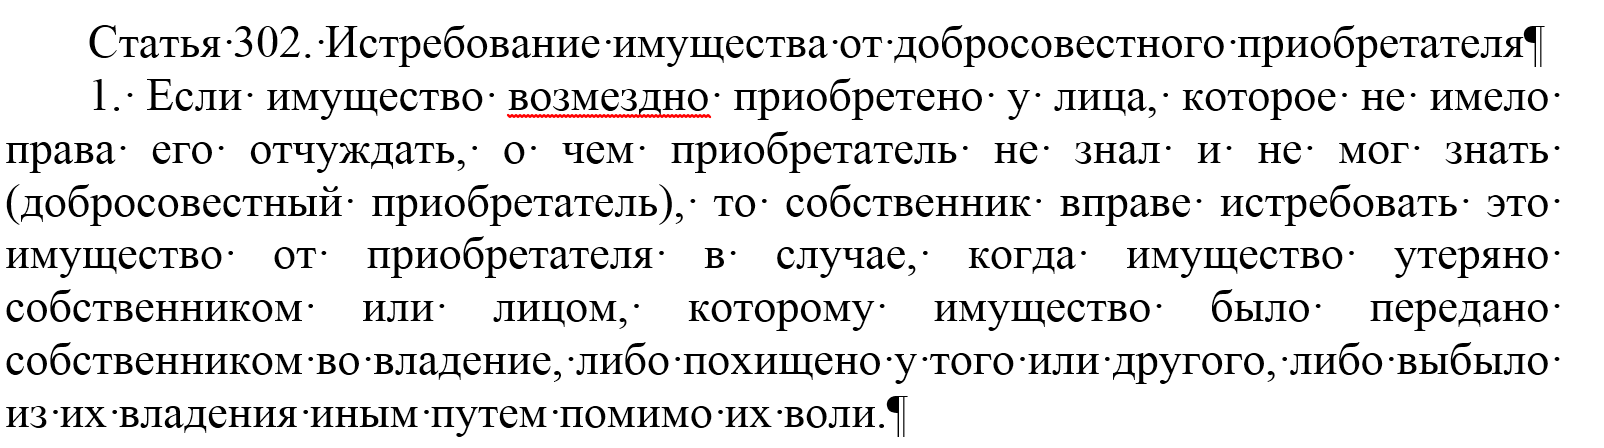 гк рф статья 302: